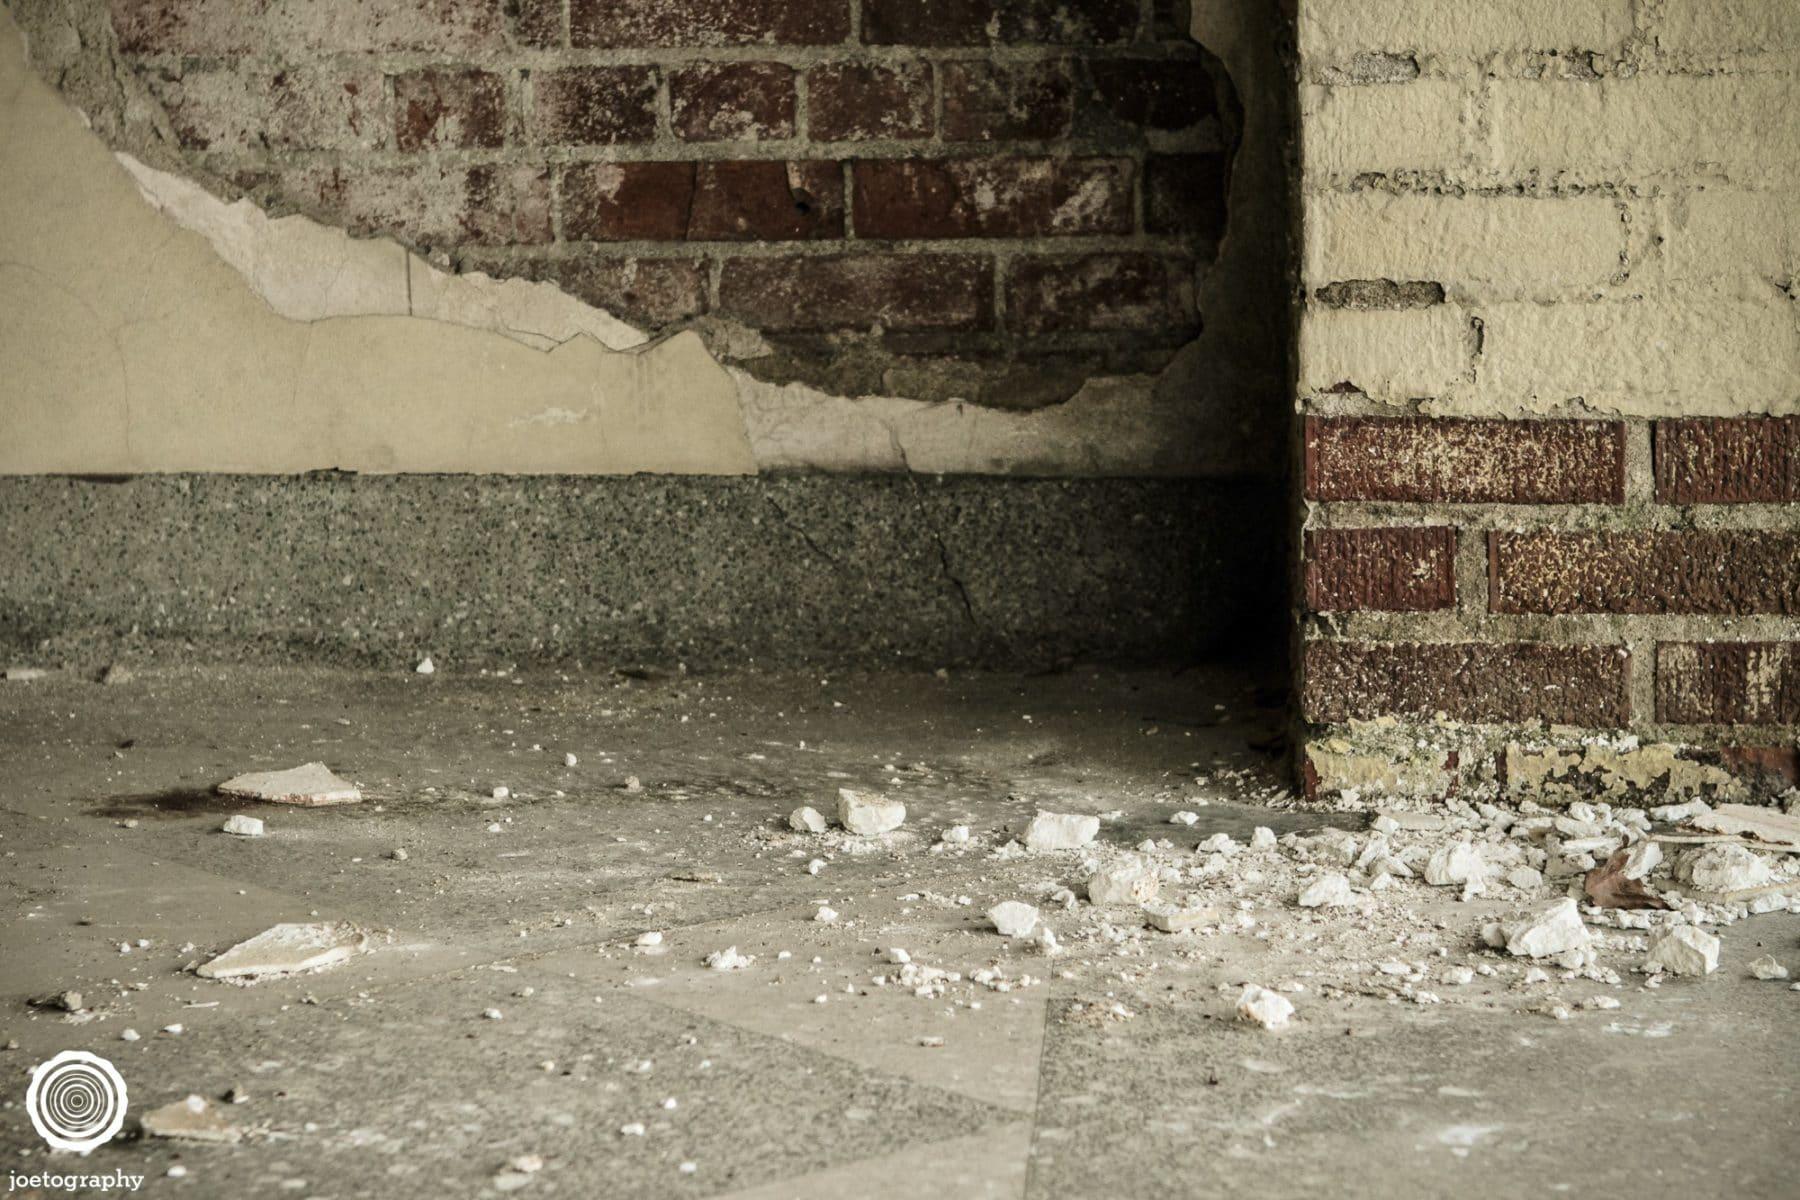 Rivoli-Theatre-Architecture-Photography-Indianapolis-8